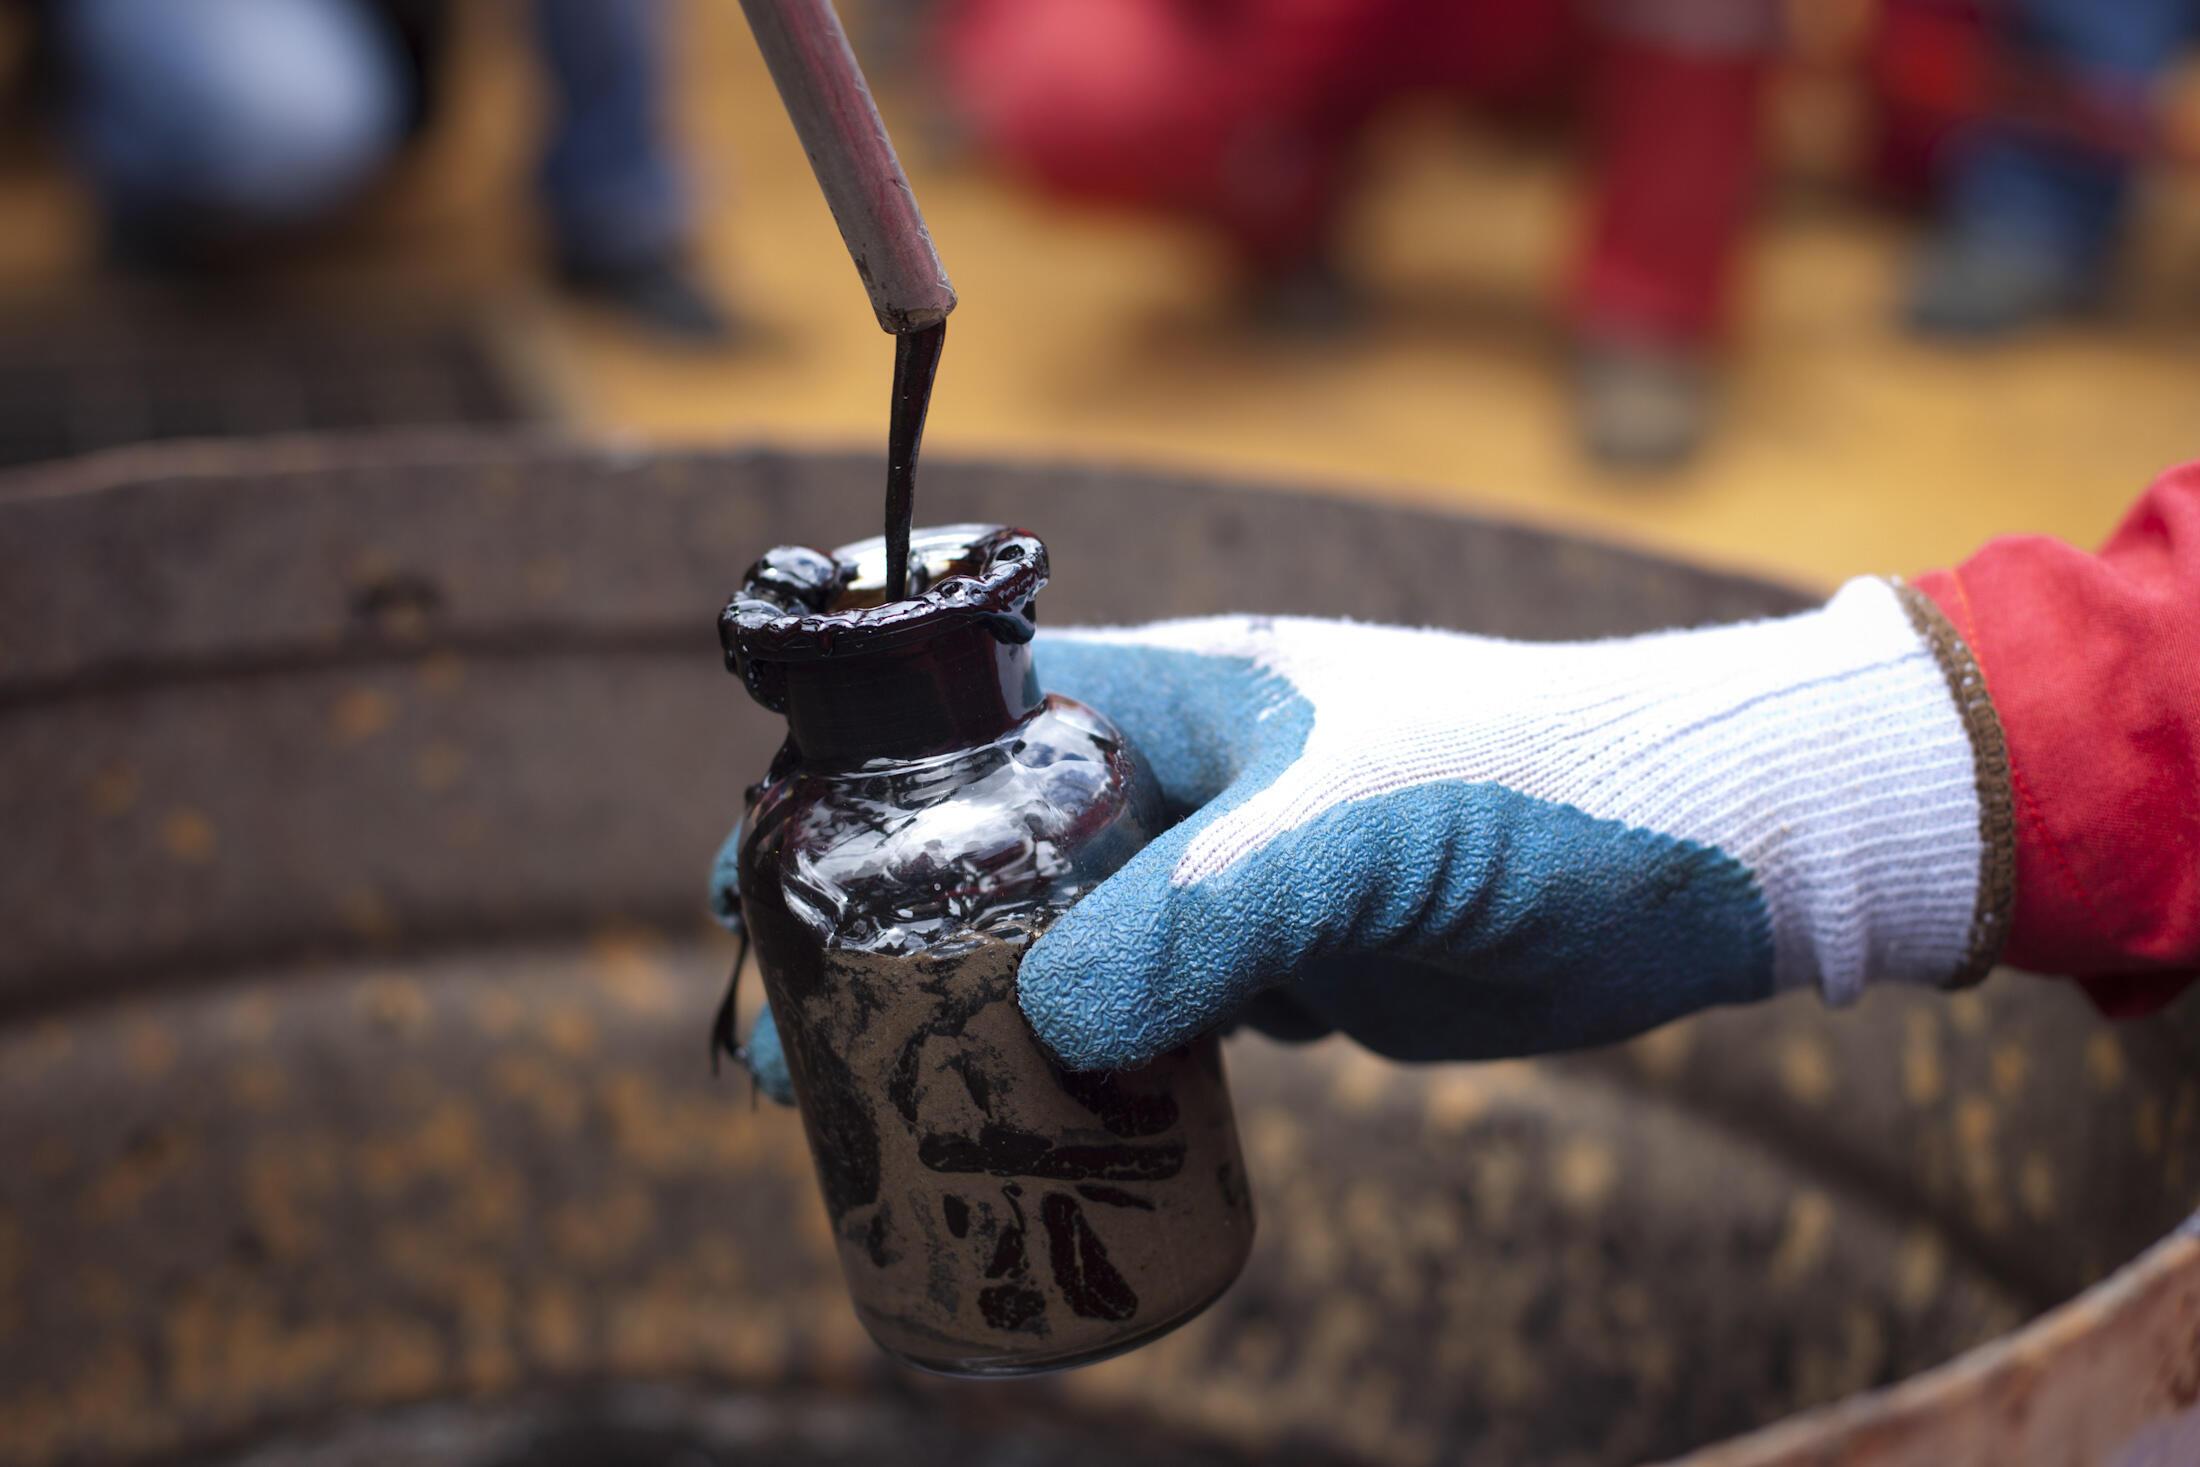 Echantillon de pétrole brut prélevé dans un puits vénézuélien.